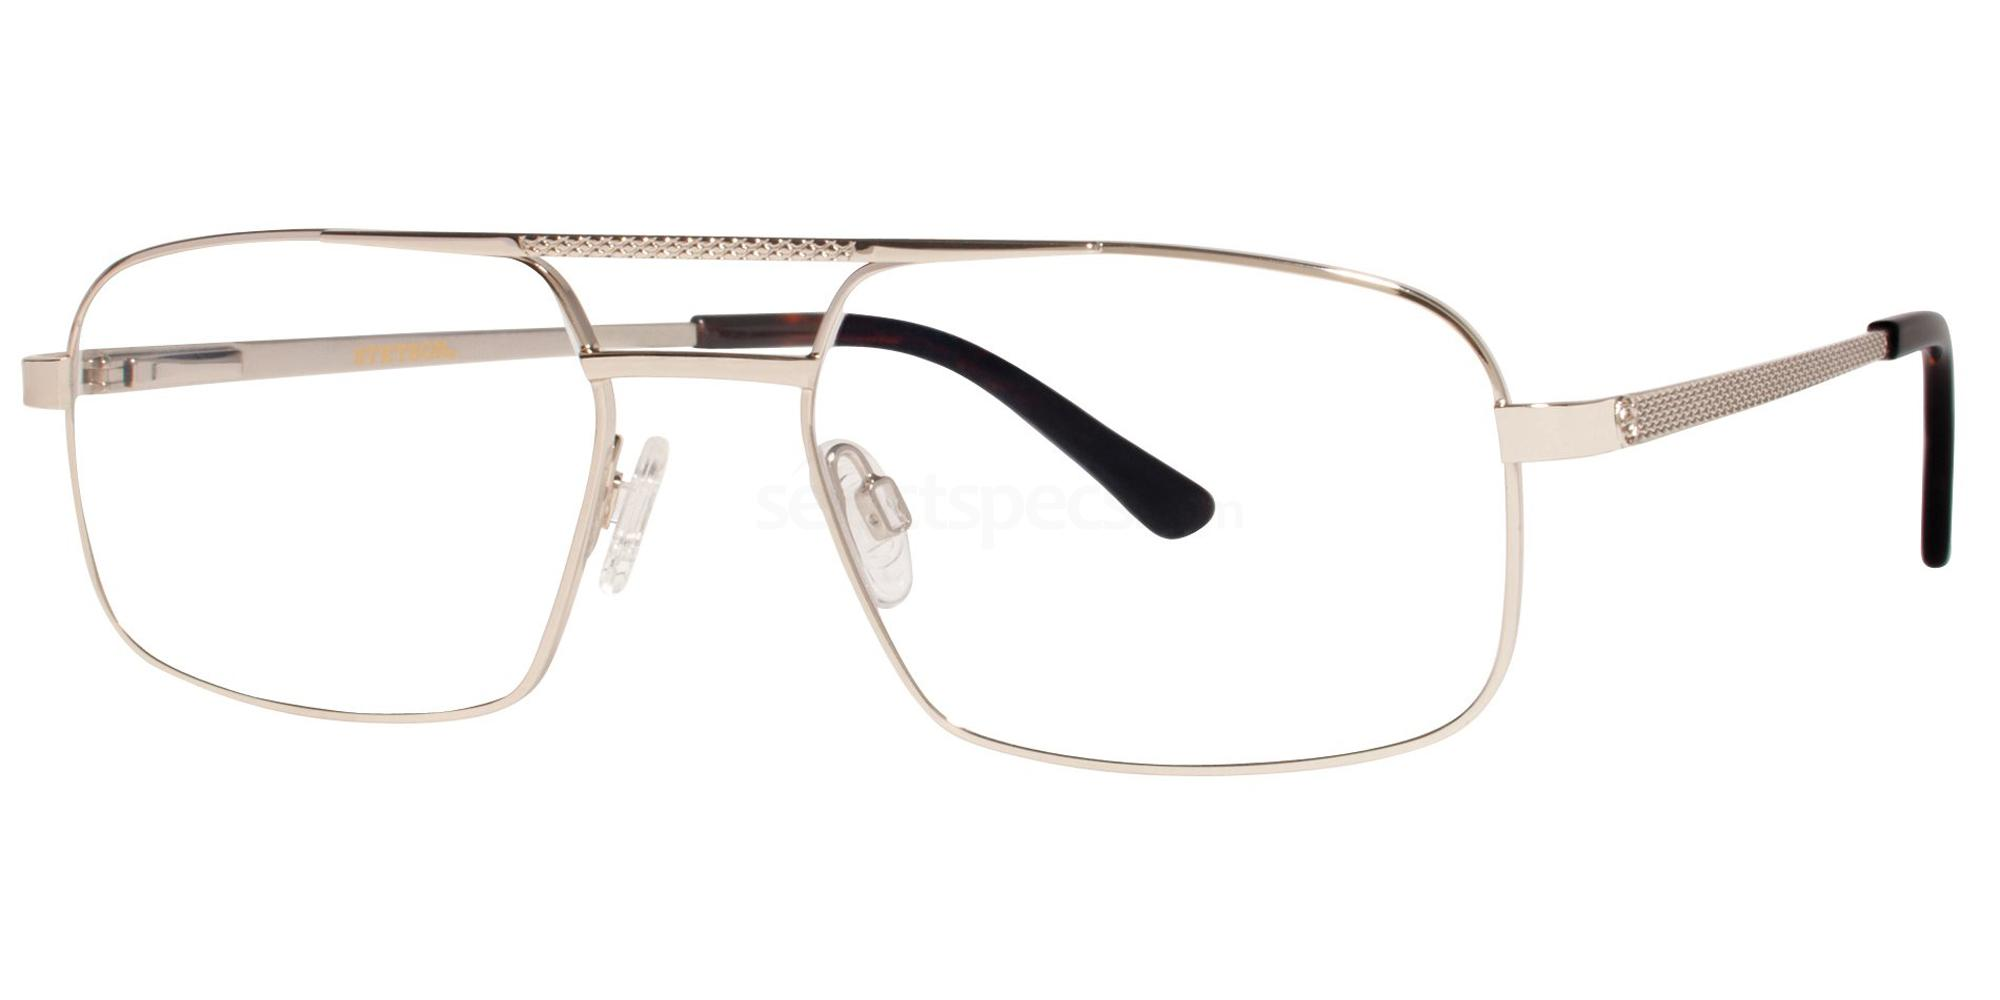 01 ST293 Glasses, Stetson